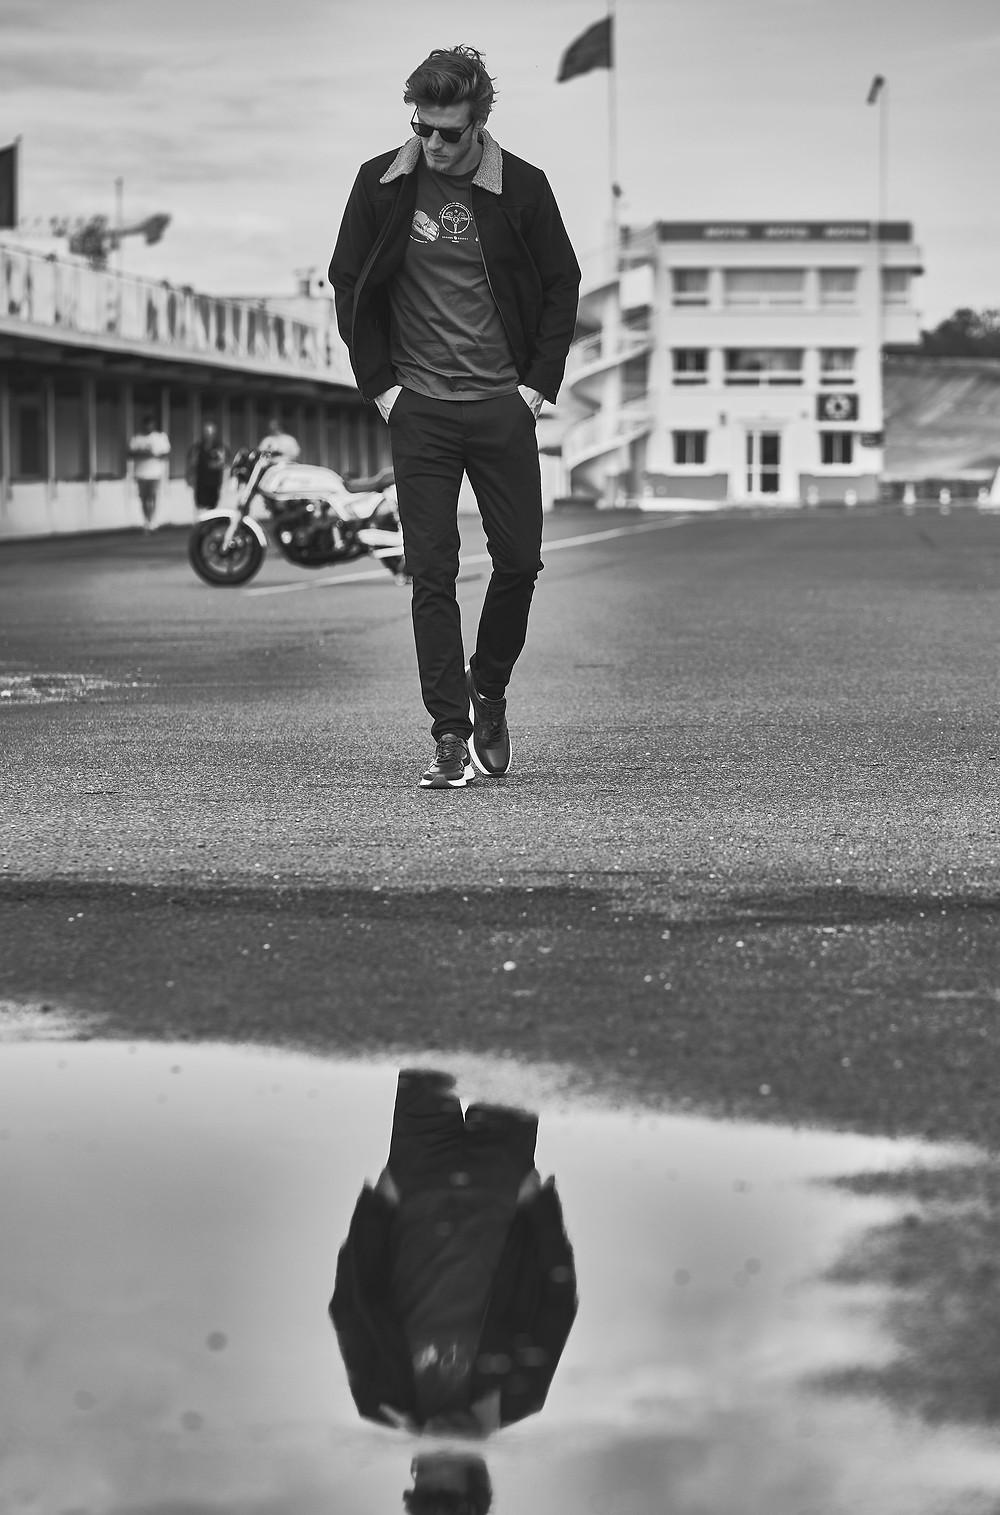 Photo en noir et blanc de mode. Un homme marche sur un circuit de moto. L'homme est habillé d'une veste de marque Benson & Cherry, d'un tshirt sérigraphié de couleurs bleu de la marque Benson & Cherry et d'un pantalon rouge de la marque Benson & Cherry. L'homme porte des lunettes de soleil et a les mains dans les poche. Une flaque d'eau de pluie reflète l'image de l'homme qui marche.  Une moto de course est positionnée derrière lui. Une moto de course est positionnée derrière